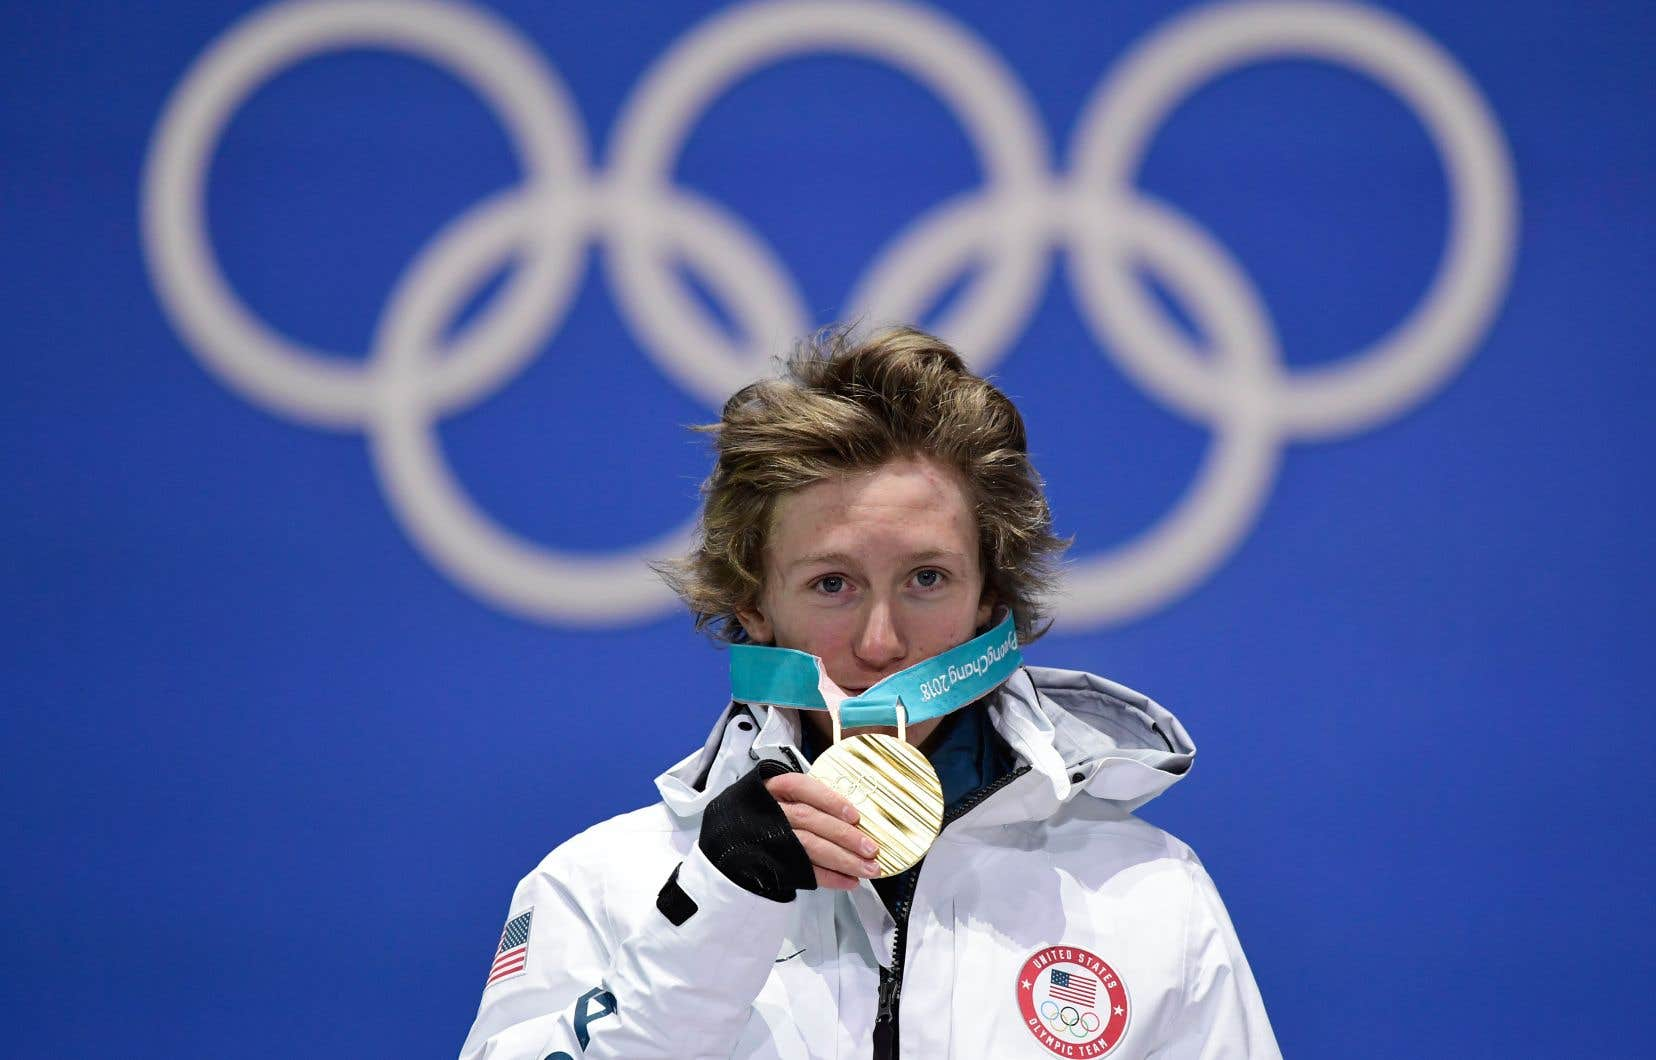 Le planchiste américain Redmond Gerard est devenu le premier athlète né après le 1er janvier 2000 à remporter une médaille lors de Jeux olympiques d'hiver